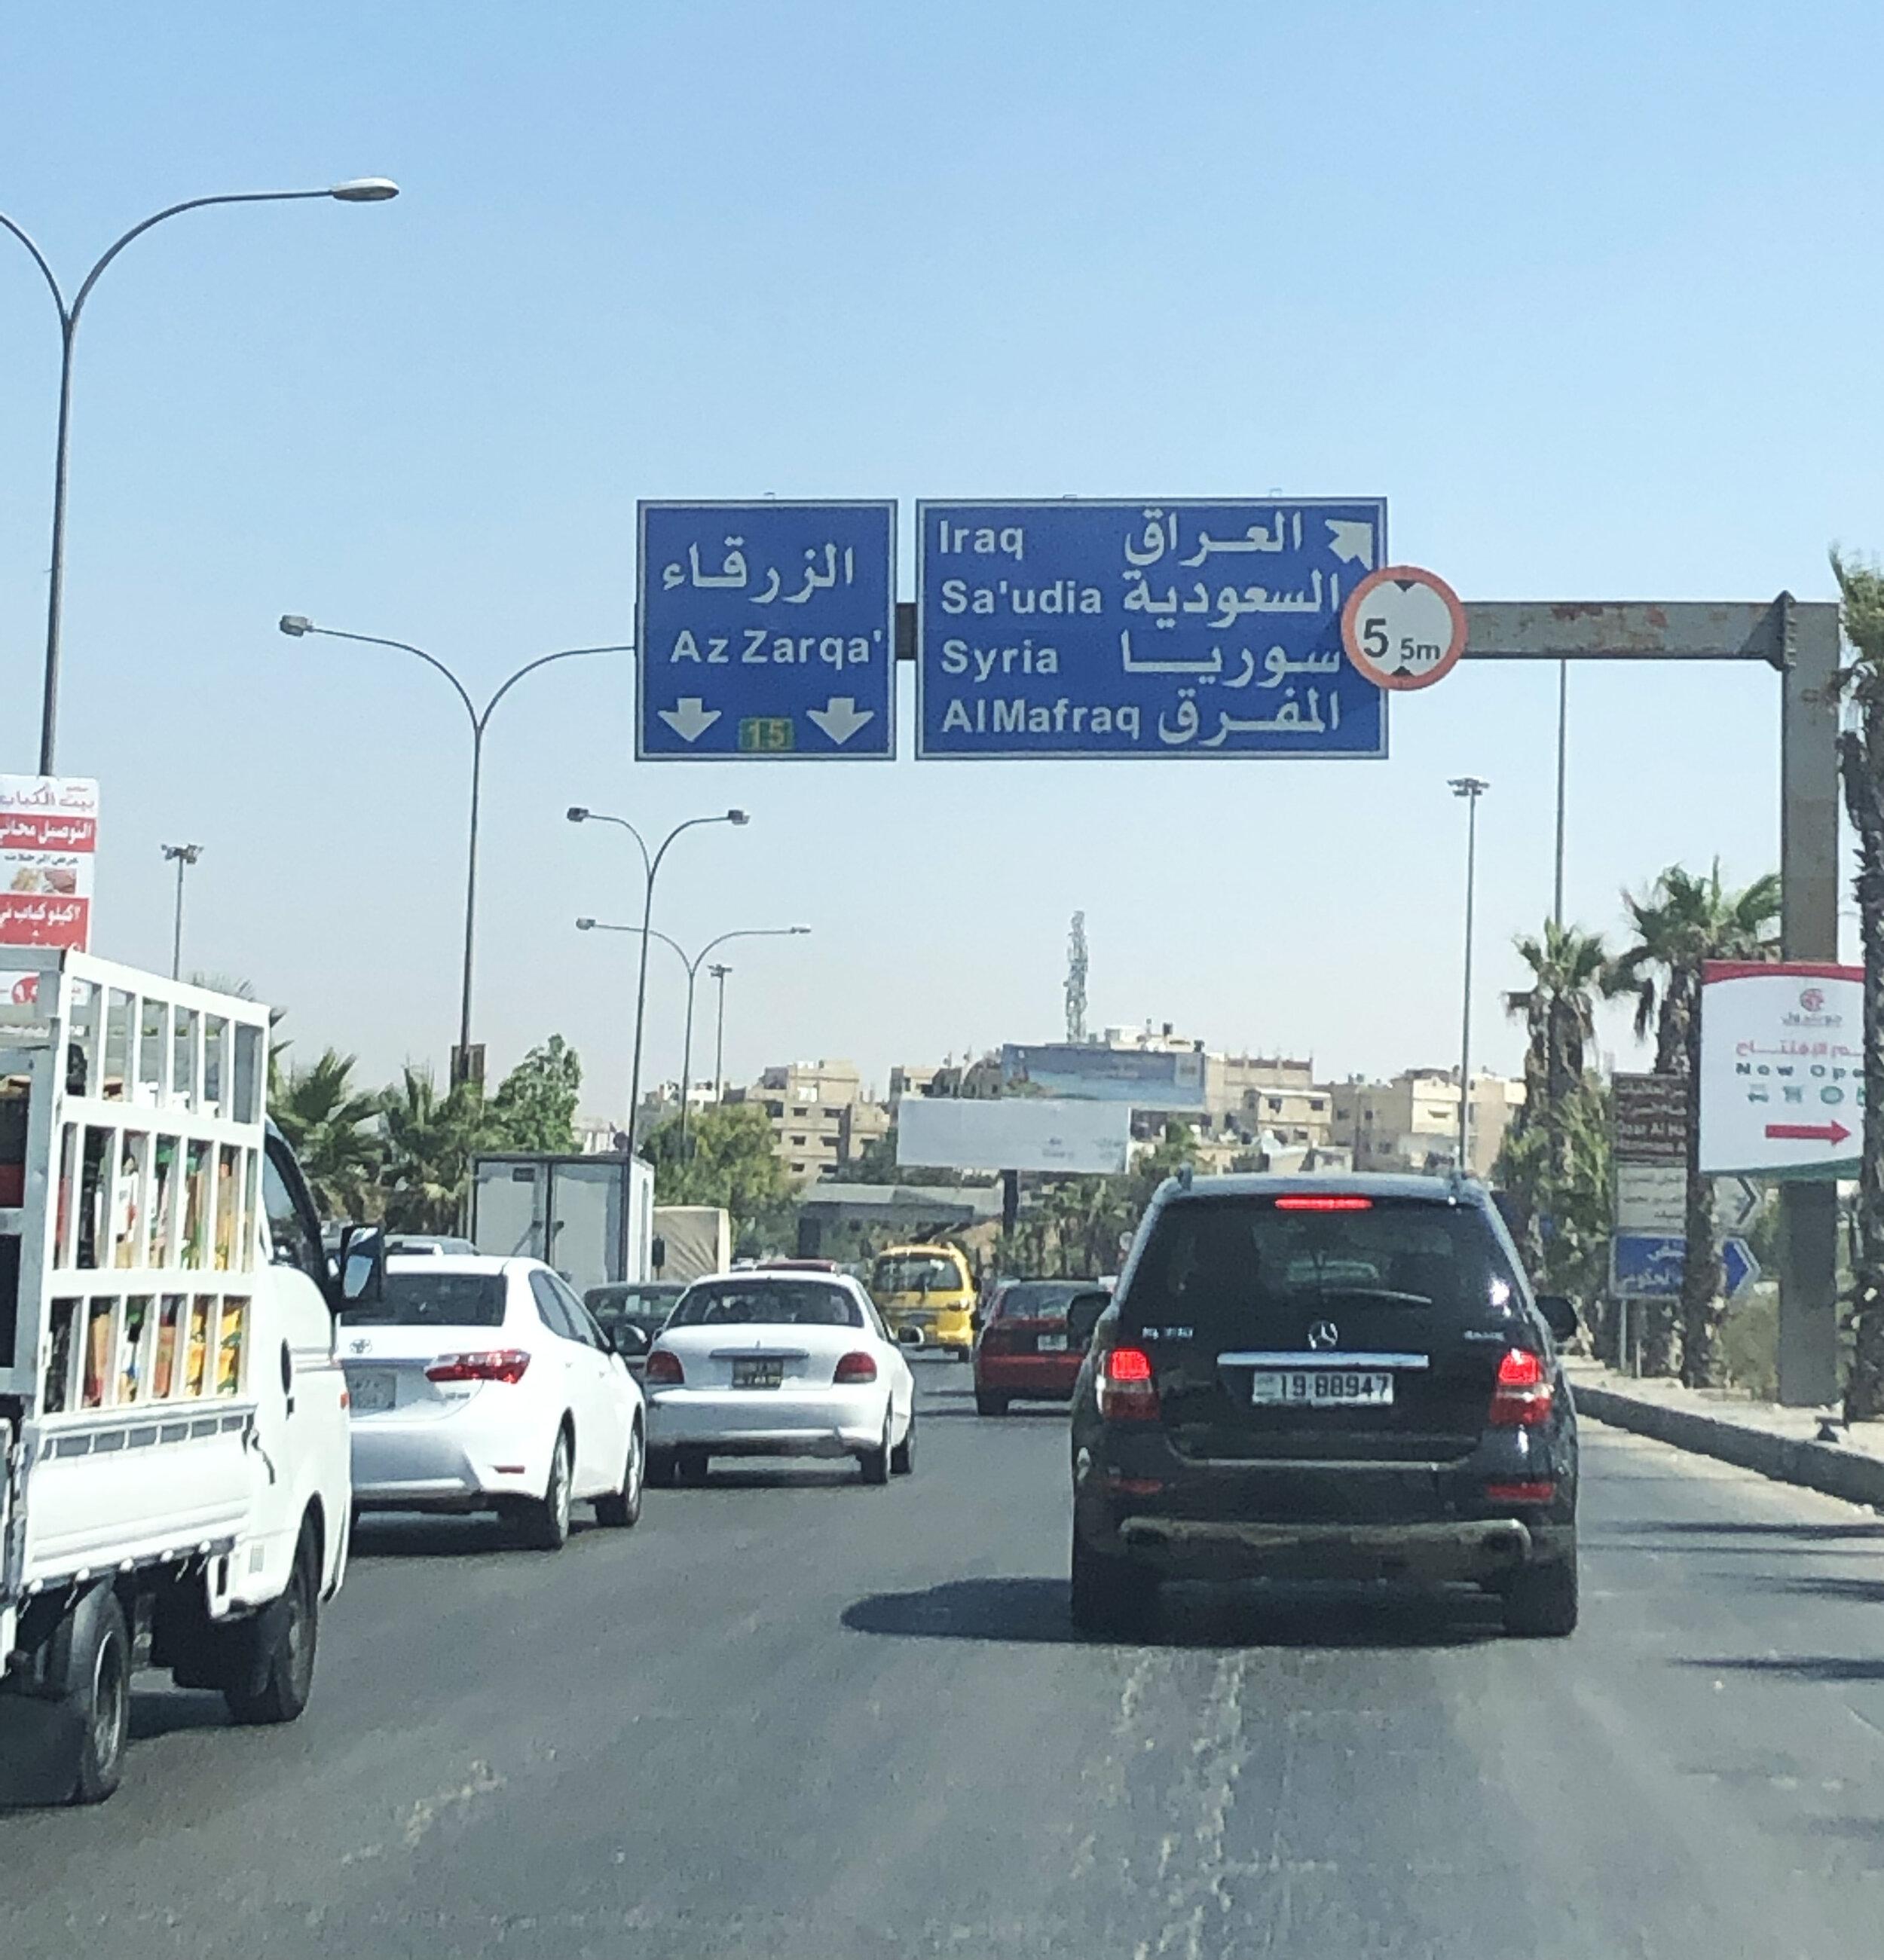 Al Mafraq Sign.jpg